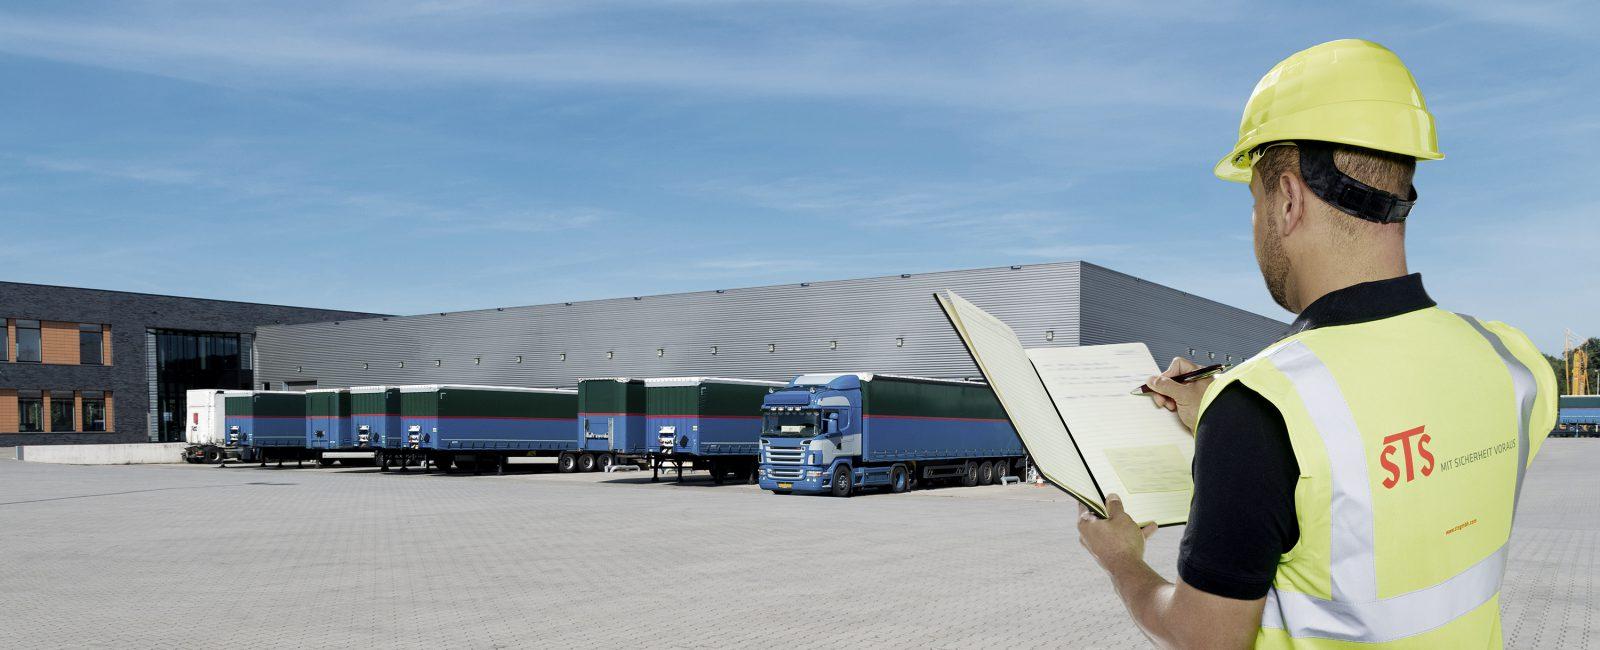 STS Sicherheit: Mitarbeiter der Logistik